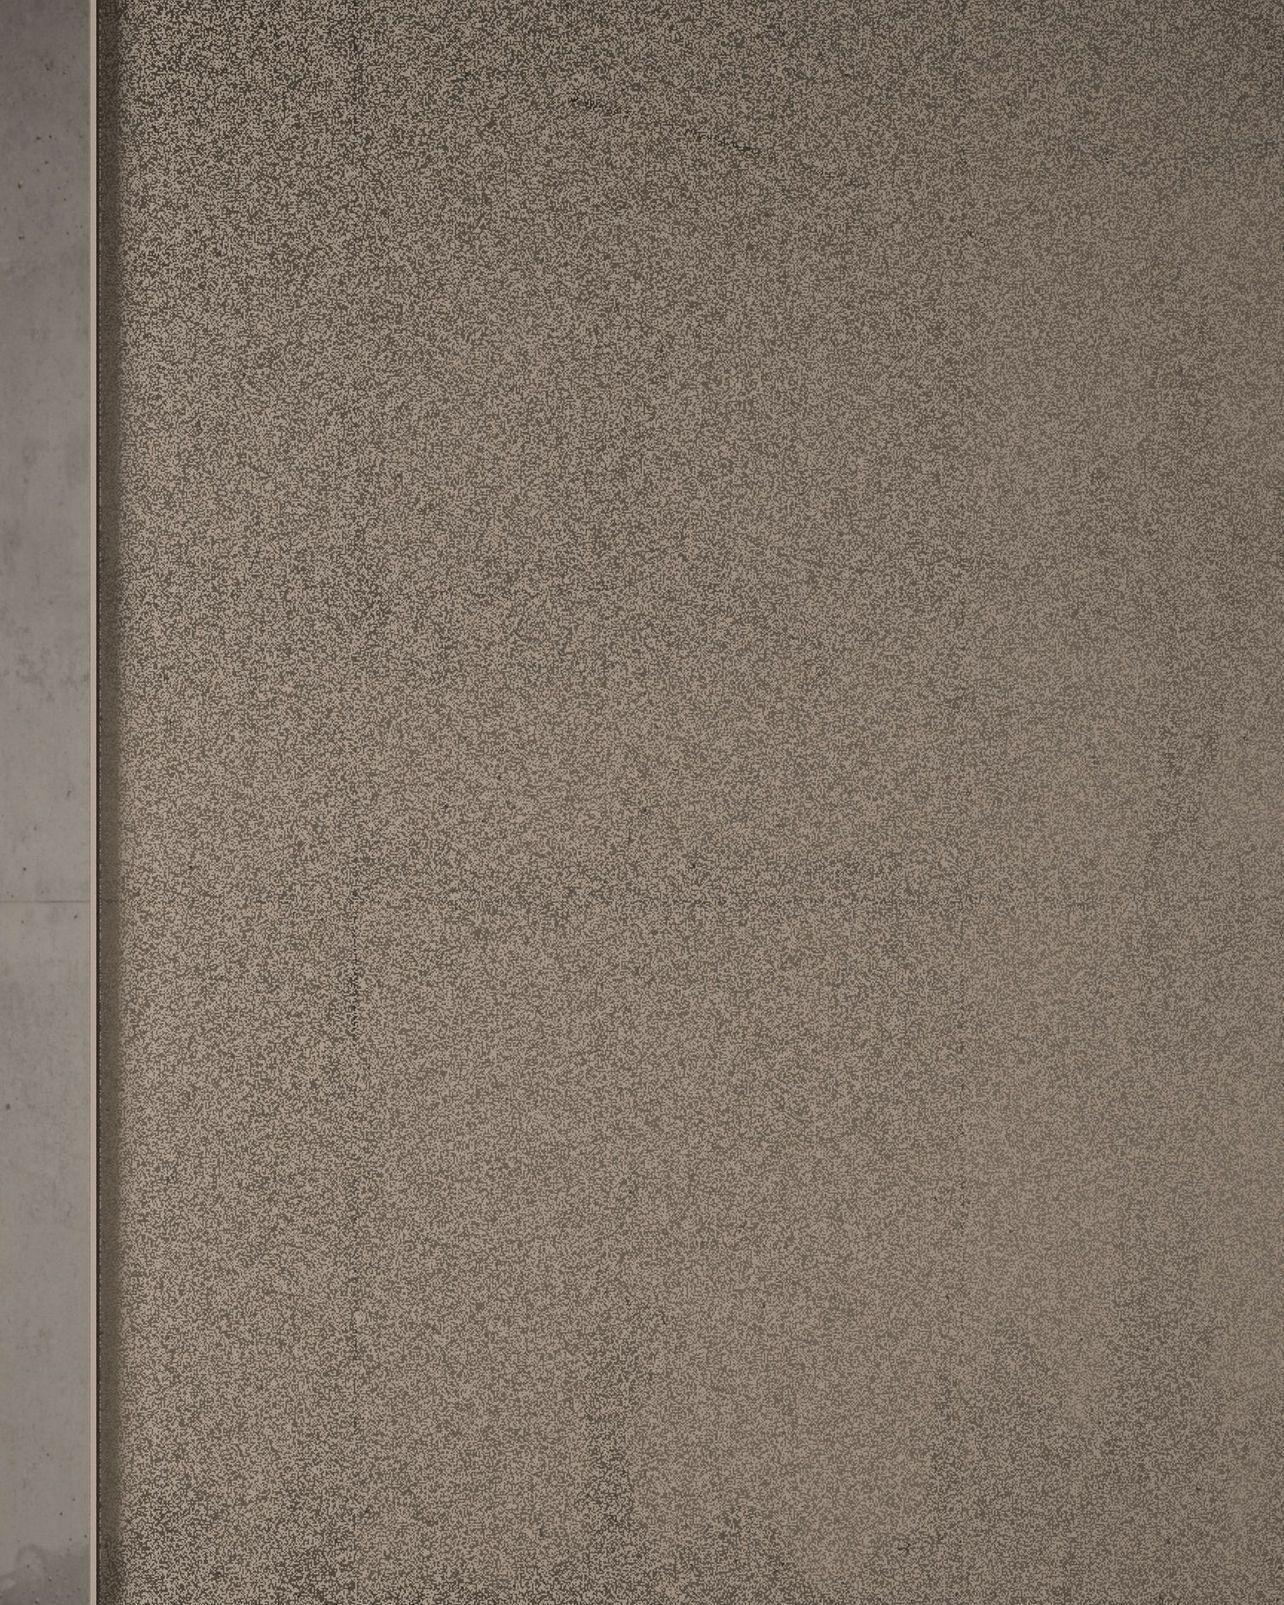 Nussbaum Gw sabbiato glitter bronze